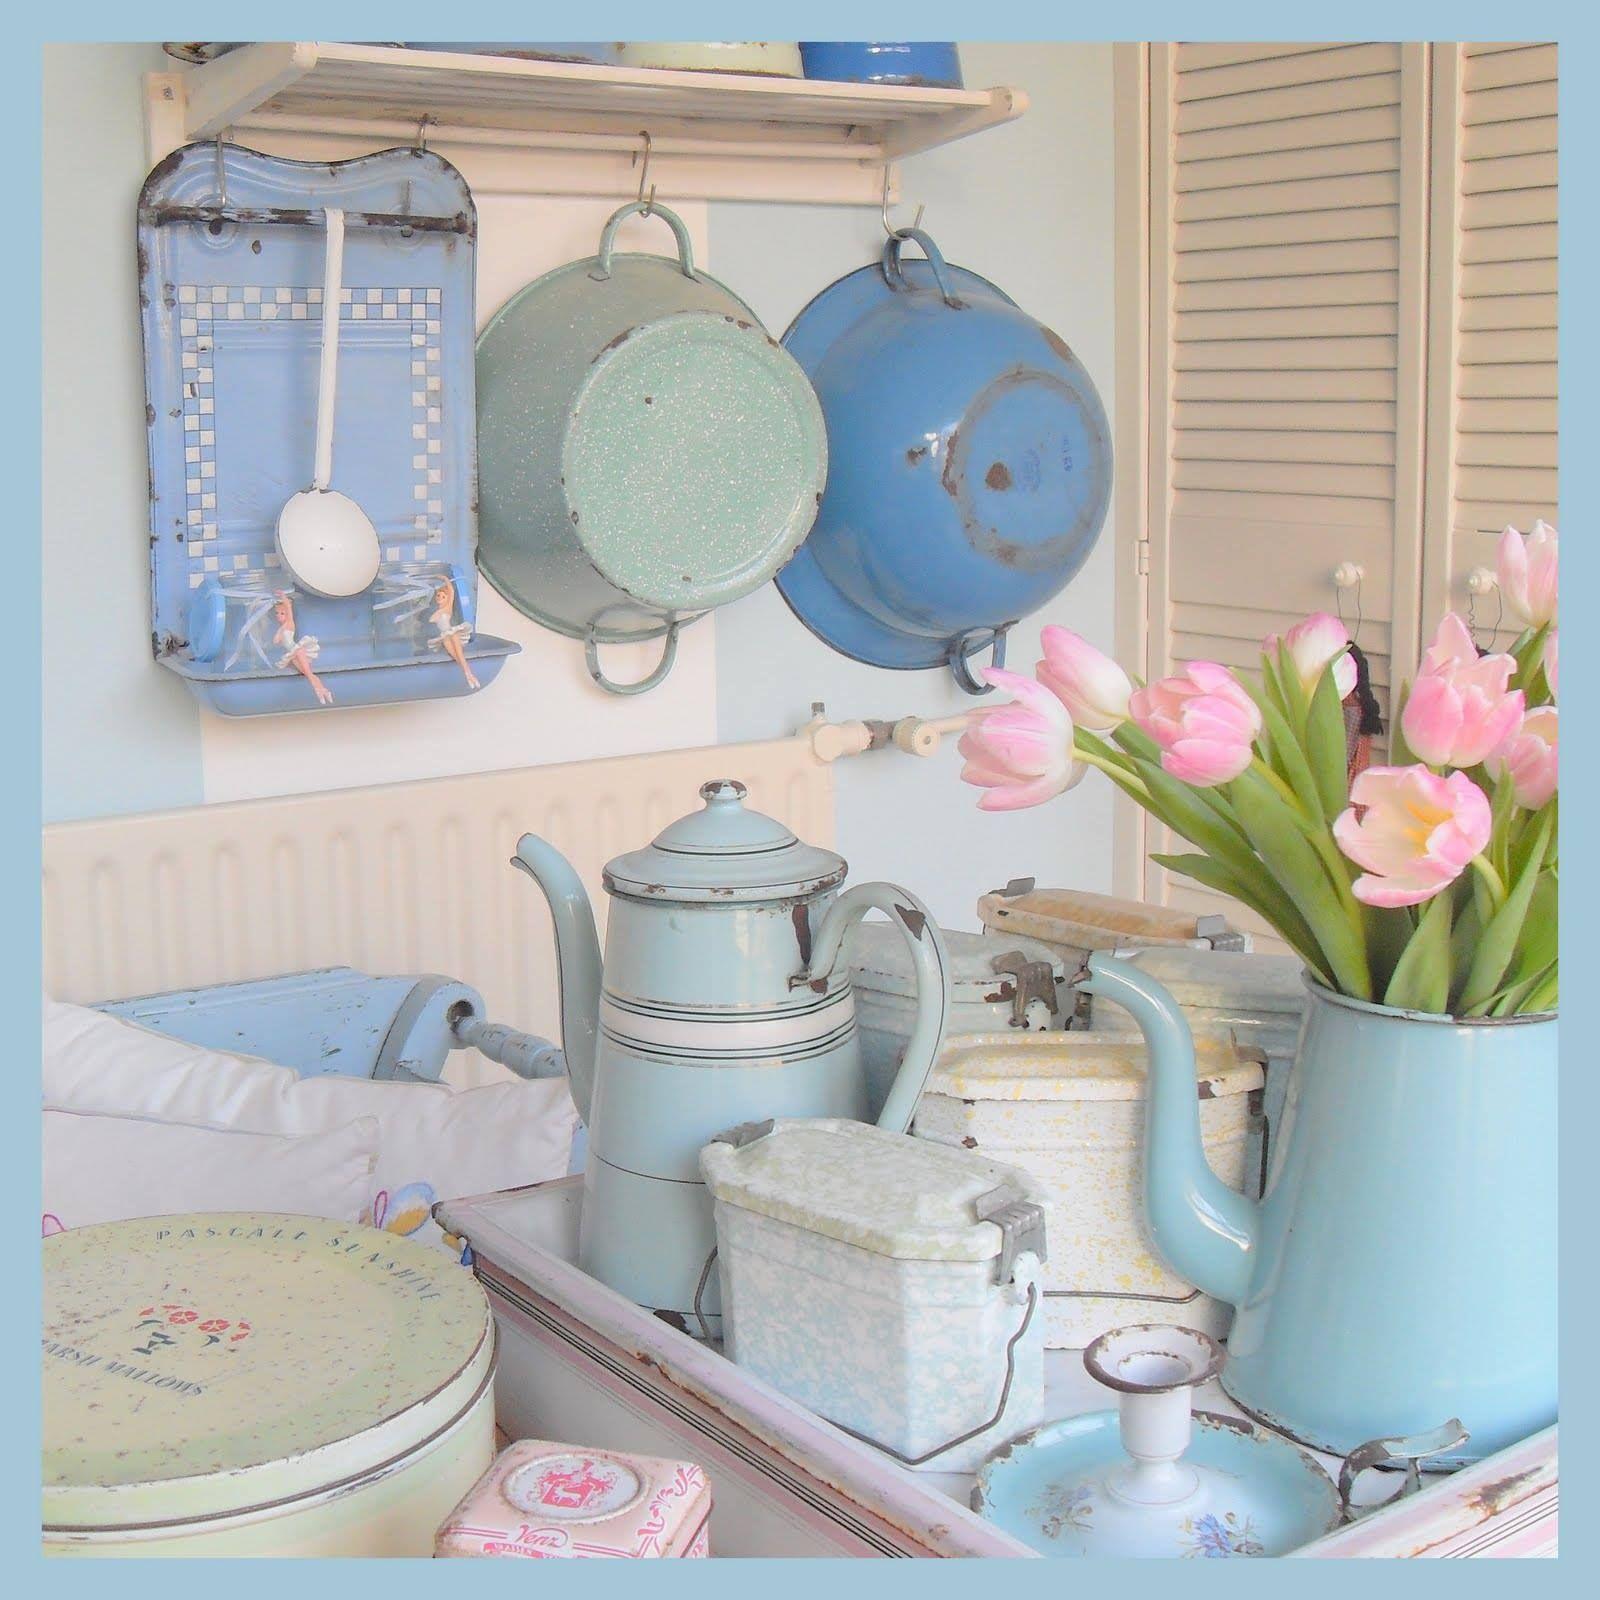 kitchen utensils to compliment vintage in my home pinterest sch ne k chen hummel und. Black Bedroom Furniture Sets. Home Design Ideas